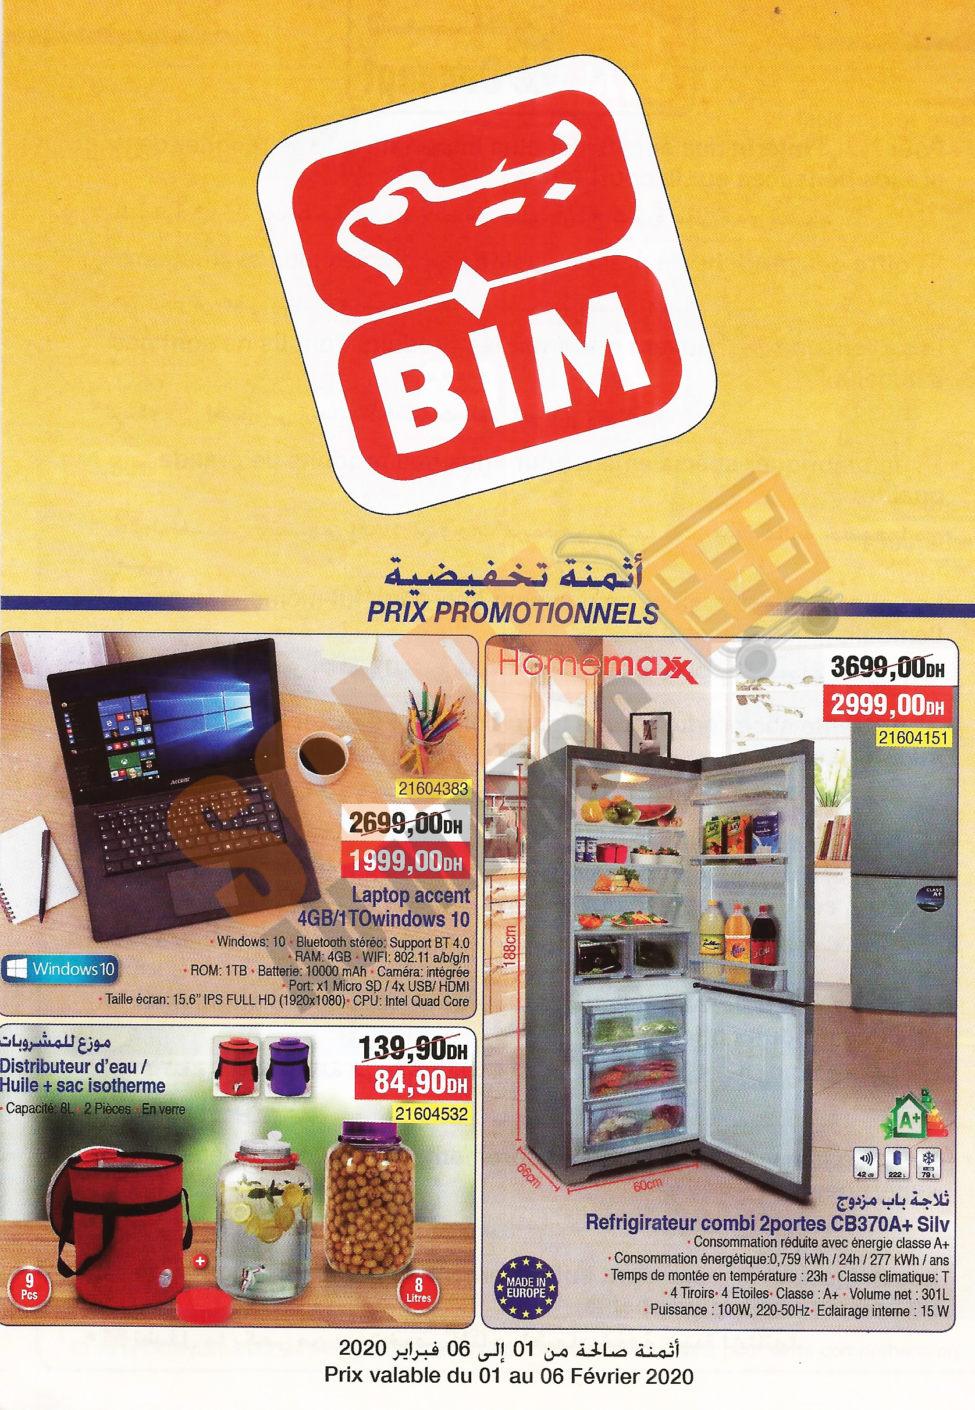 Catalogue Bim Selouane Oulfa Casablanca du 1 au 6 Février 2020